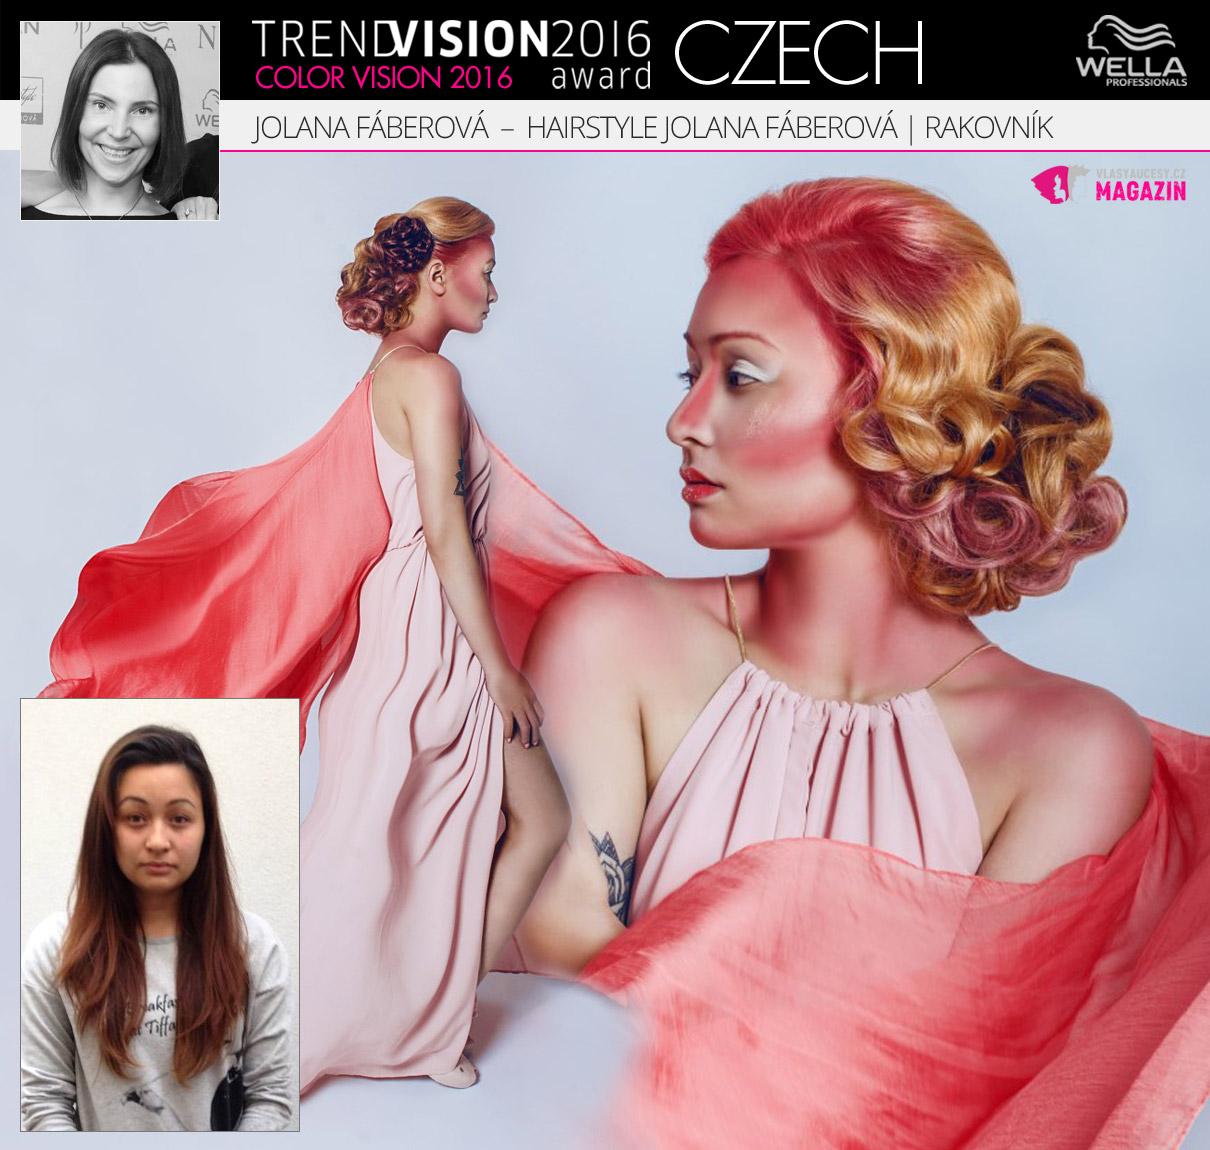 Jolana Fáberová, Hairstyle Jolana Fáberová, Rakovník –Wella Professionals Trend Vision Award Česká republika, kategorie Color Vision 2016.